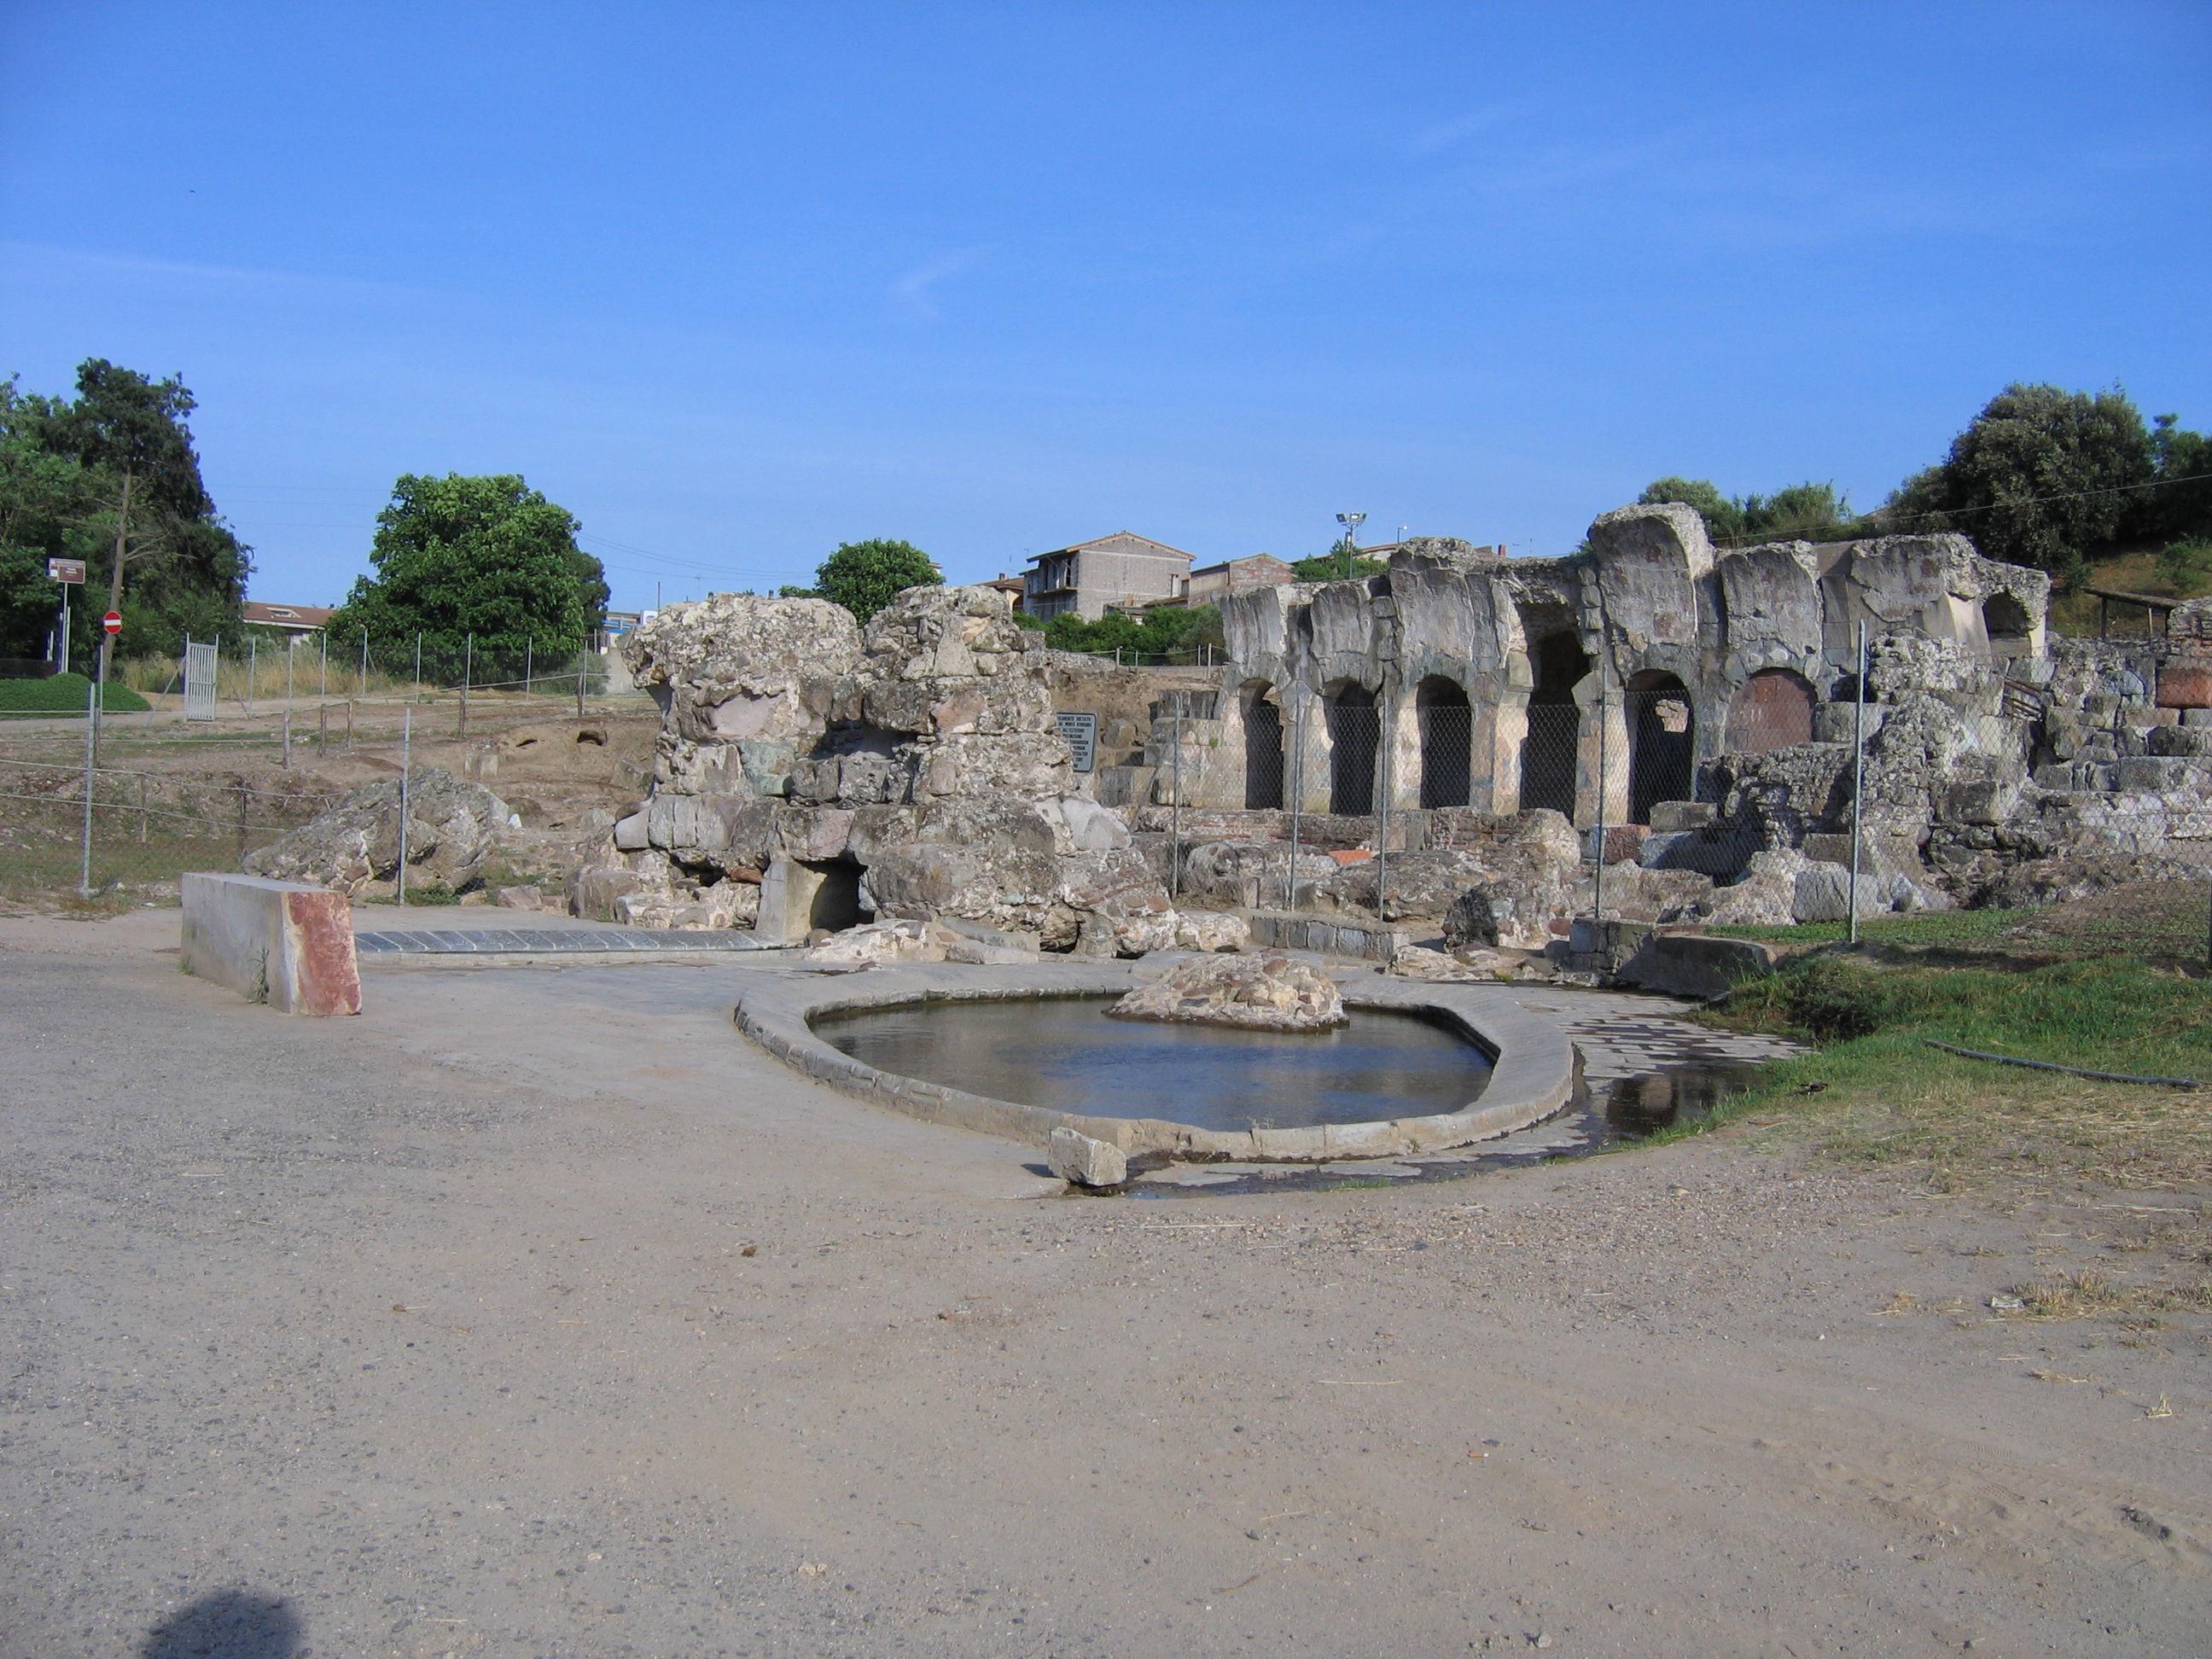 Ruins of ancient Roman baths in Sardinia